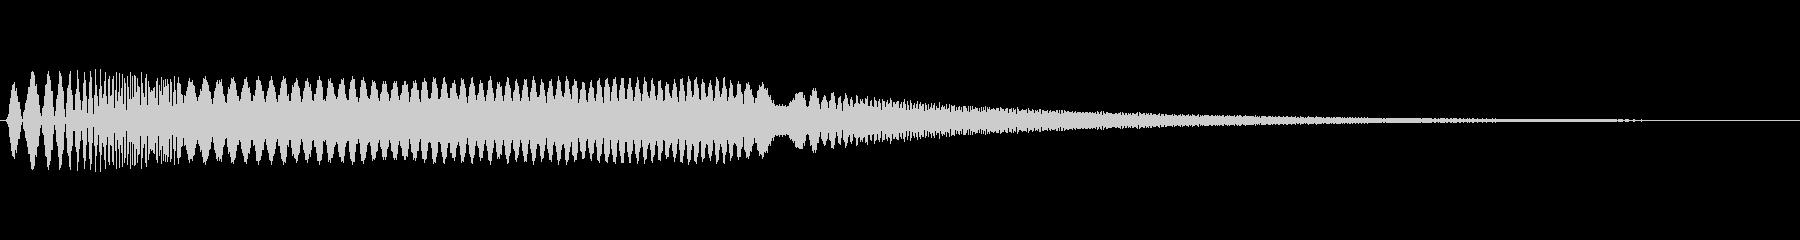 ボタンを押すようなシンセ音の未再生の波形